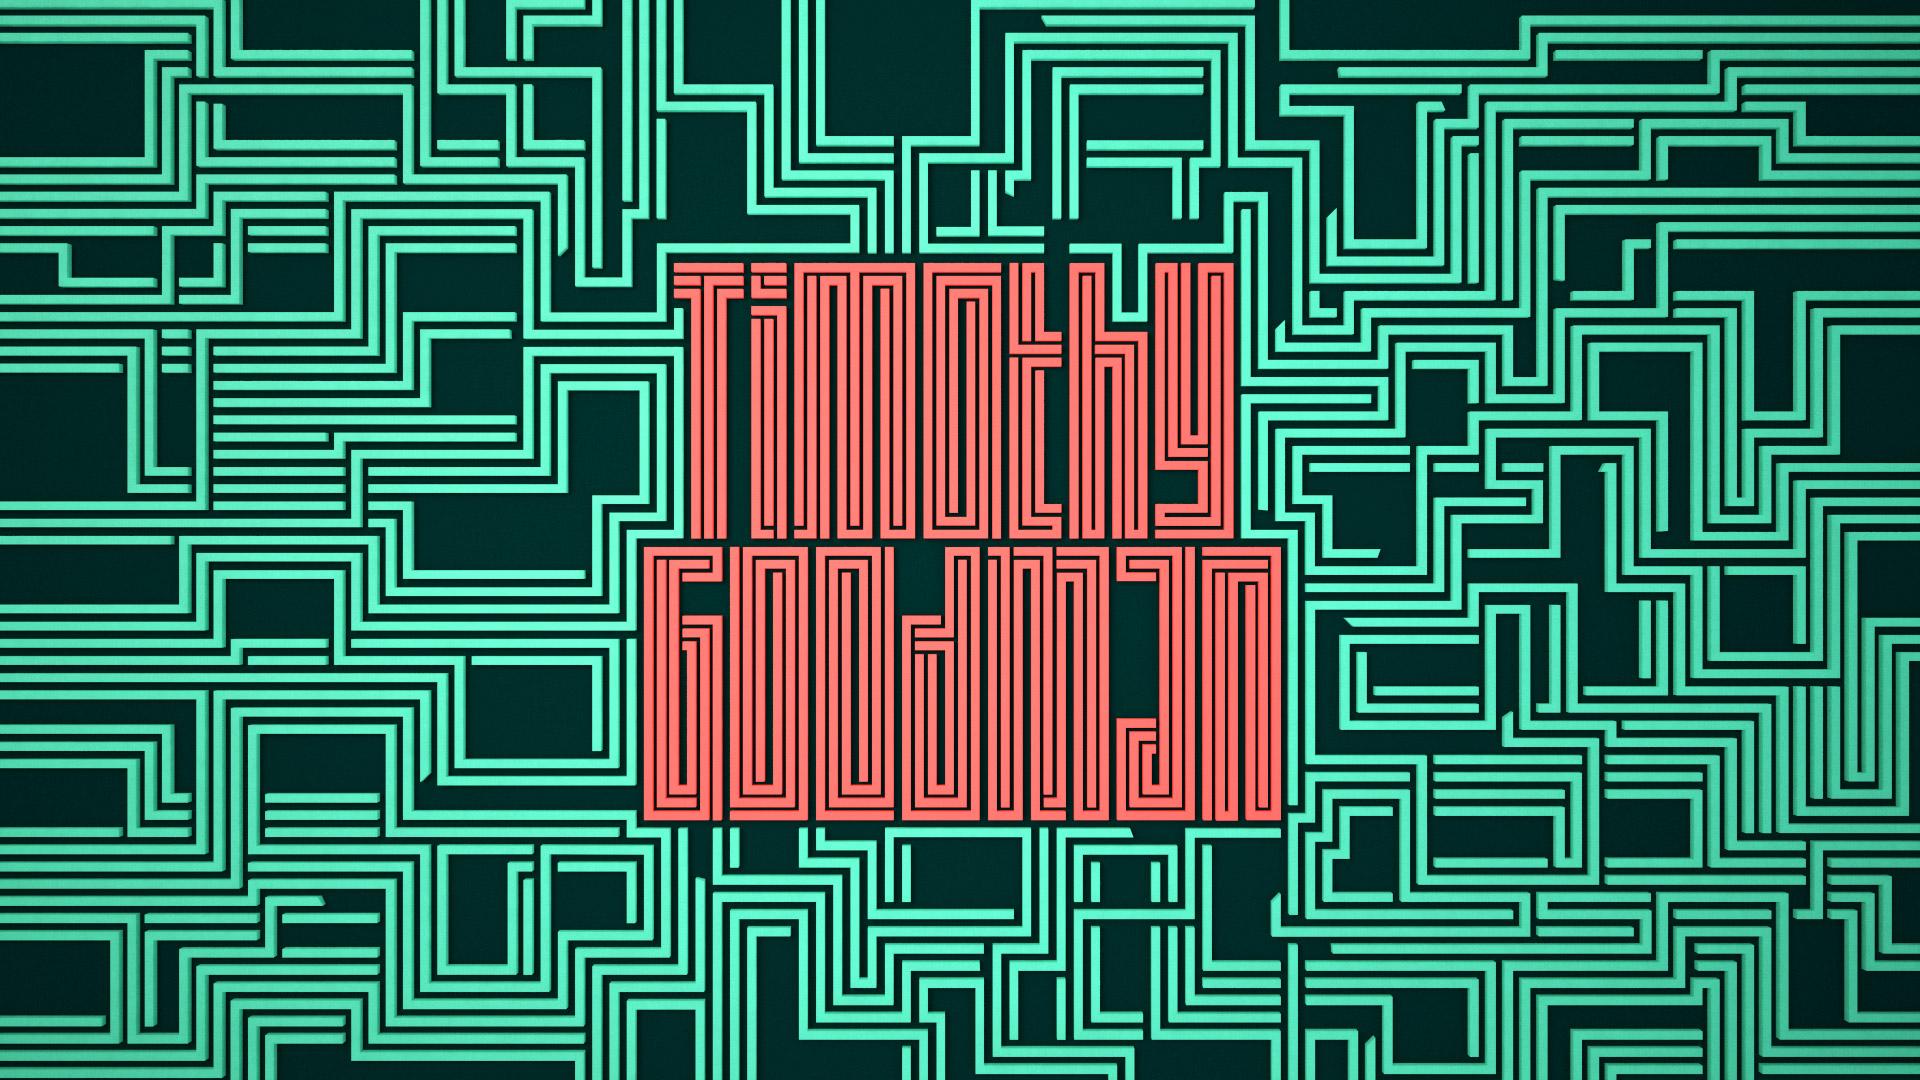 Adobe Make It Timothy Goodman